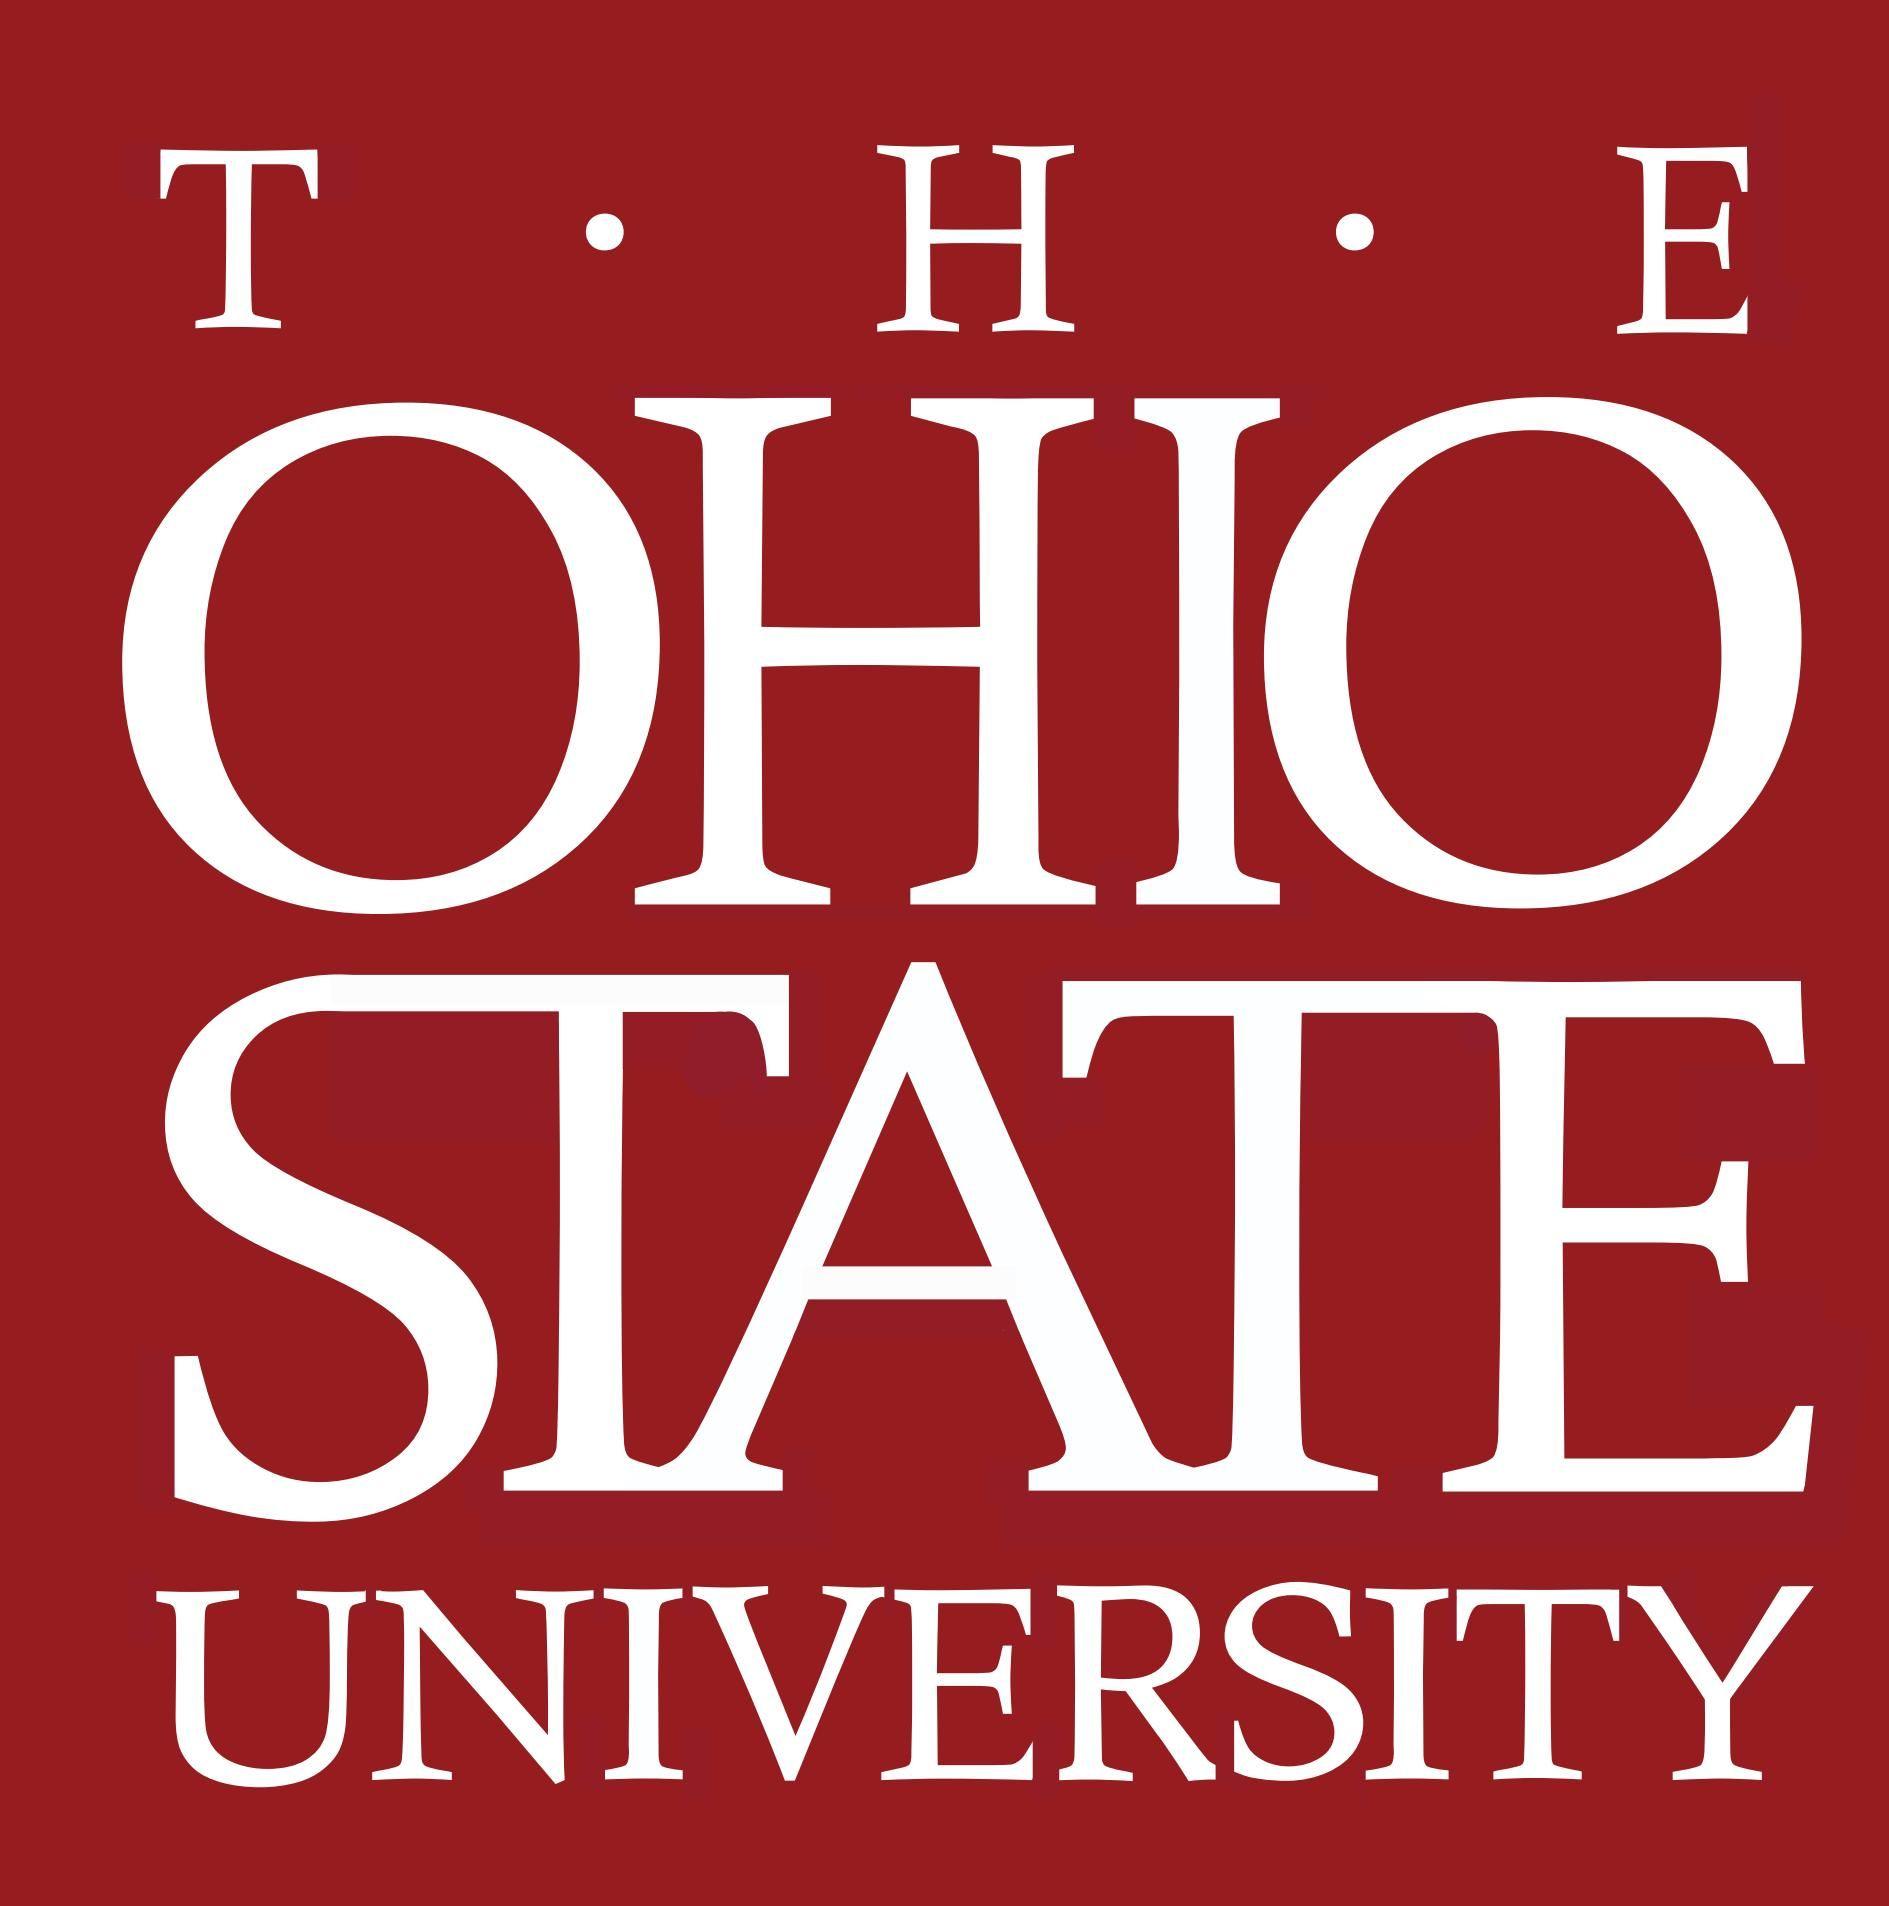 OSU Ohio State University Logo [EPS File] American